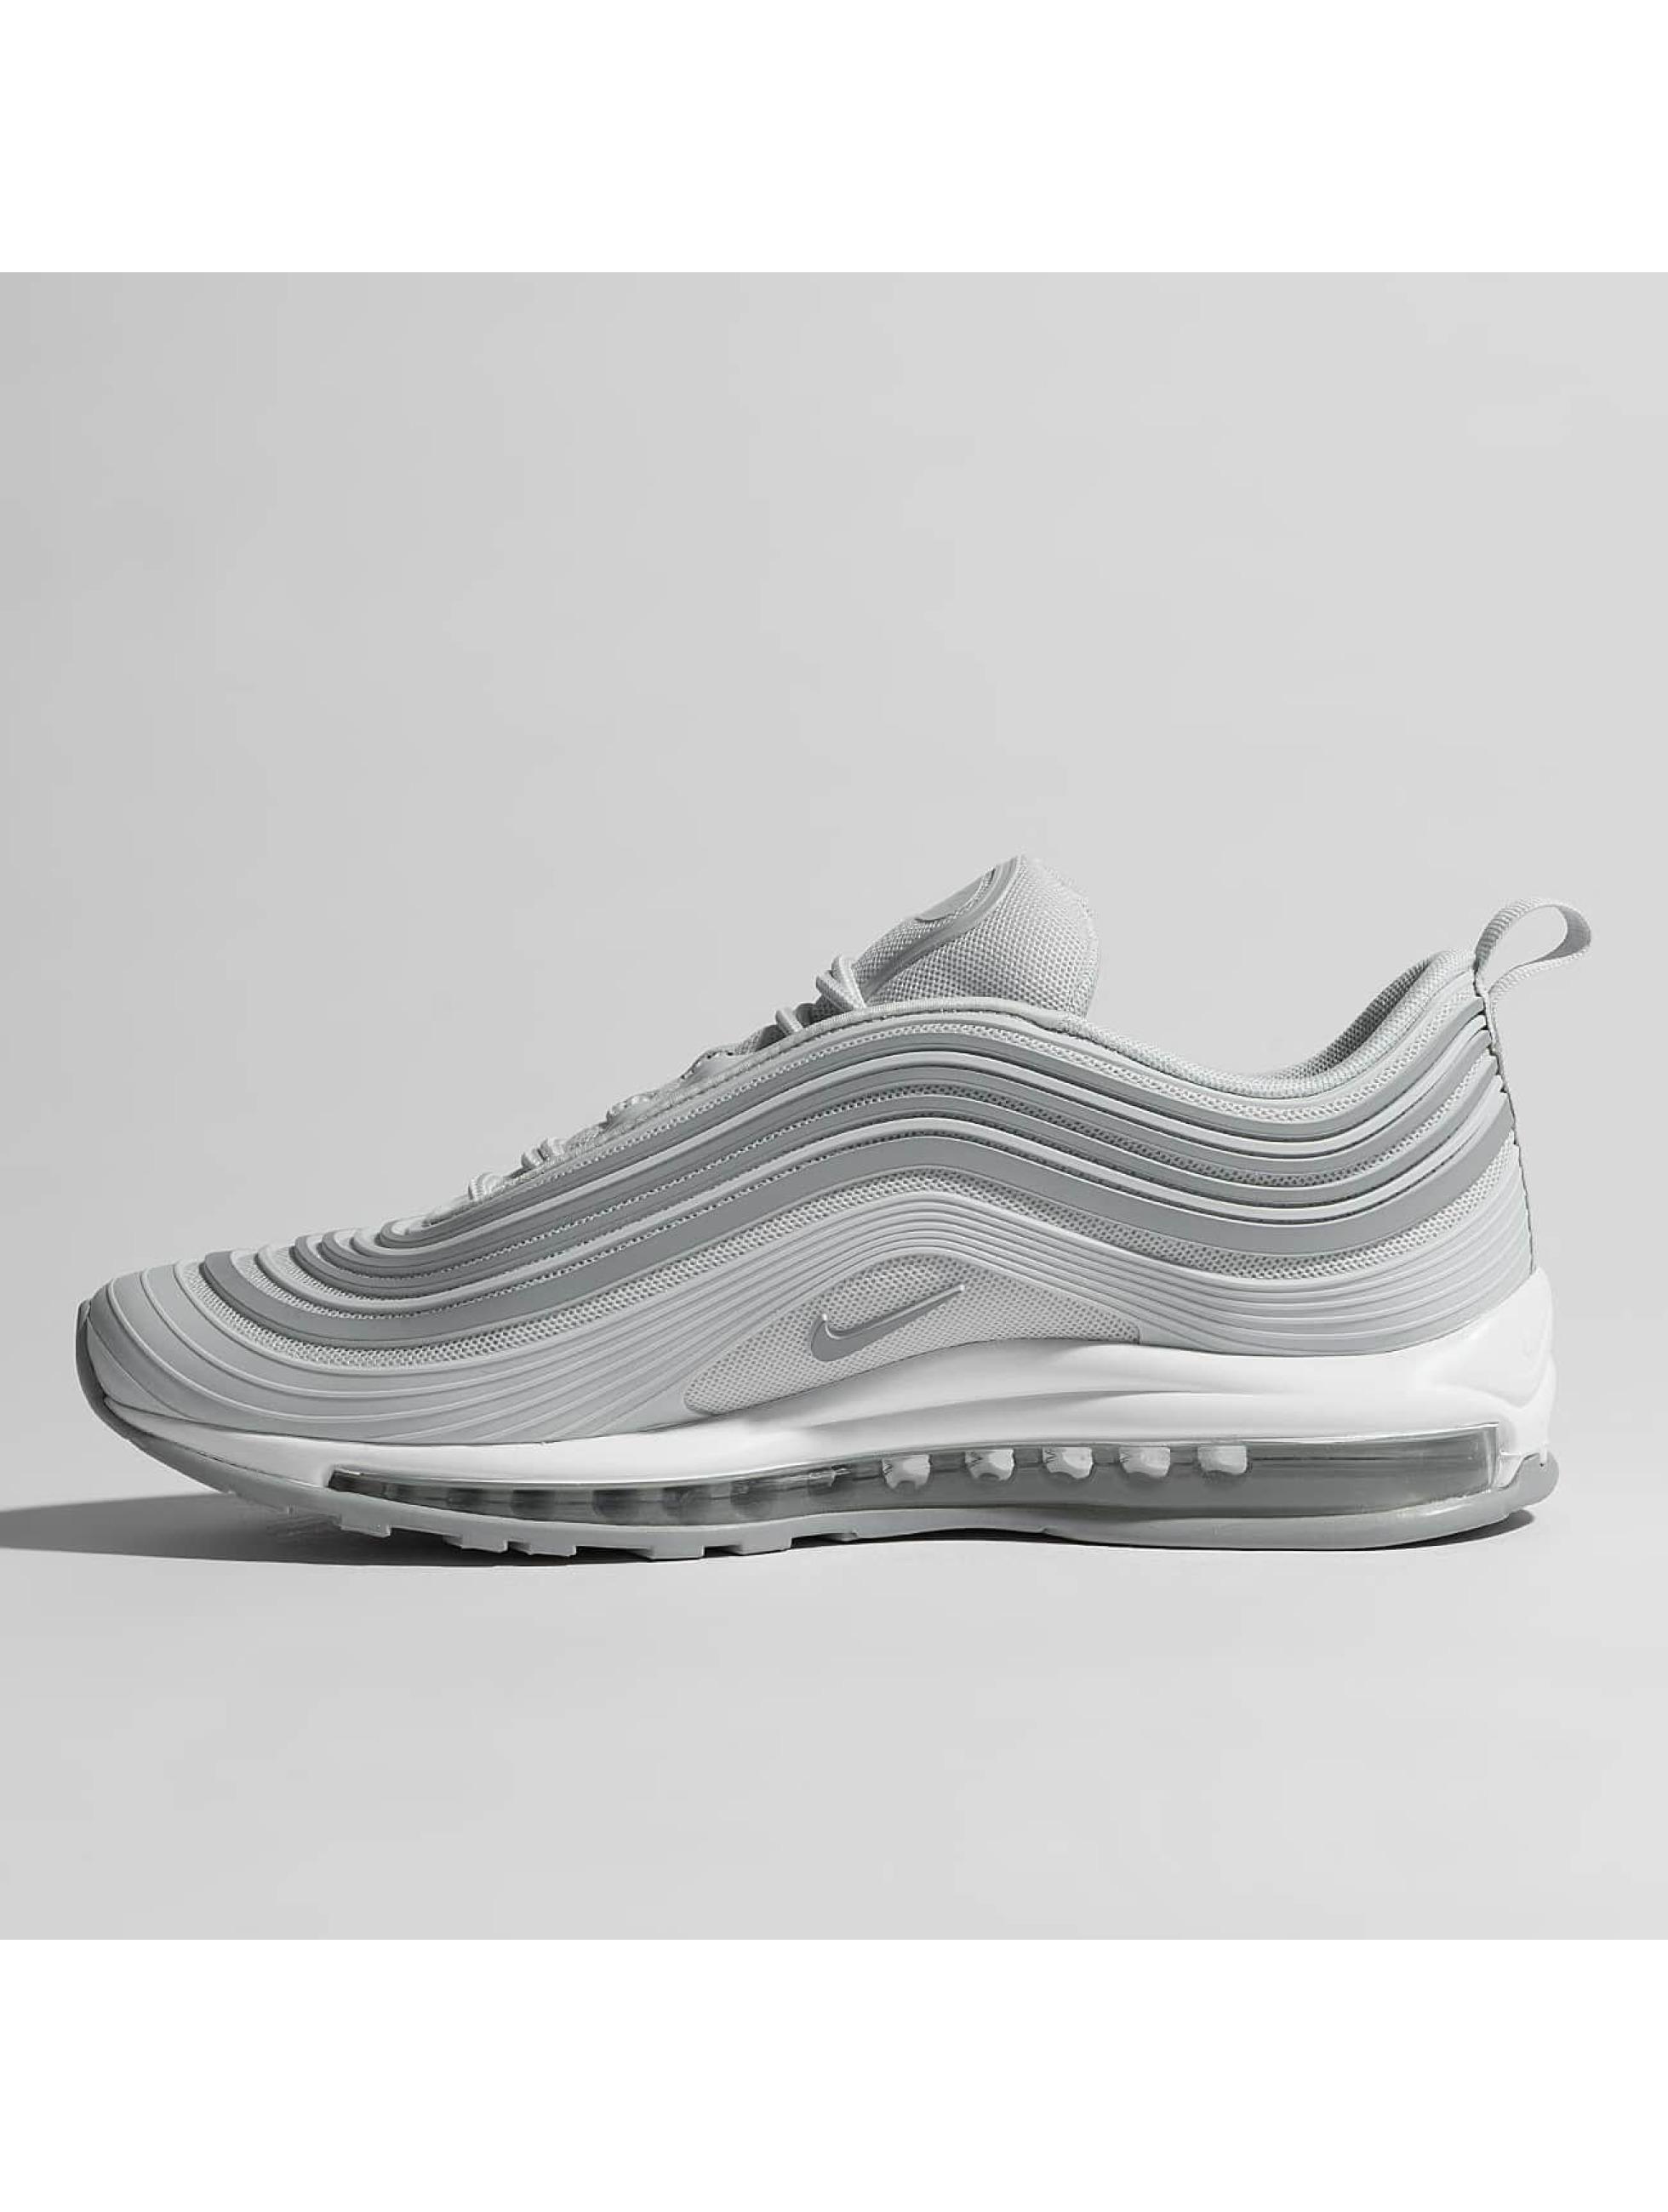 Nike sneaker Air Max 97 Ultra '17 Premium grijs